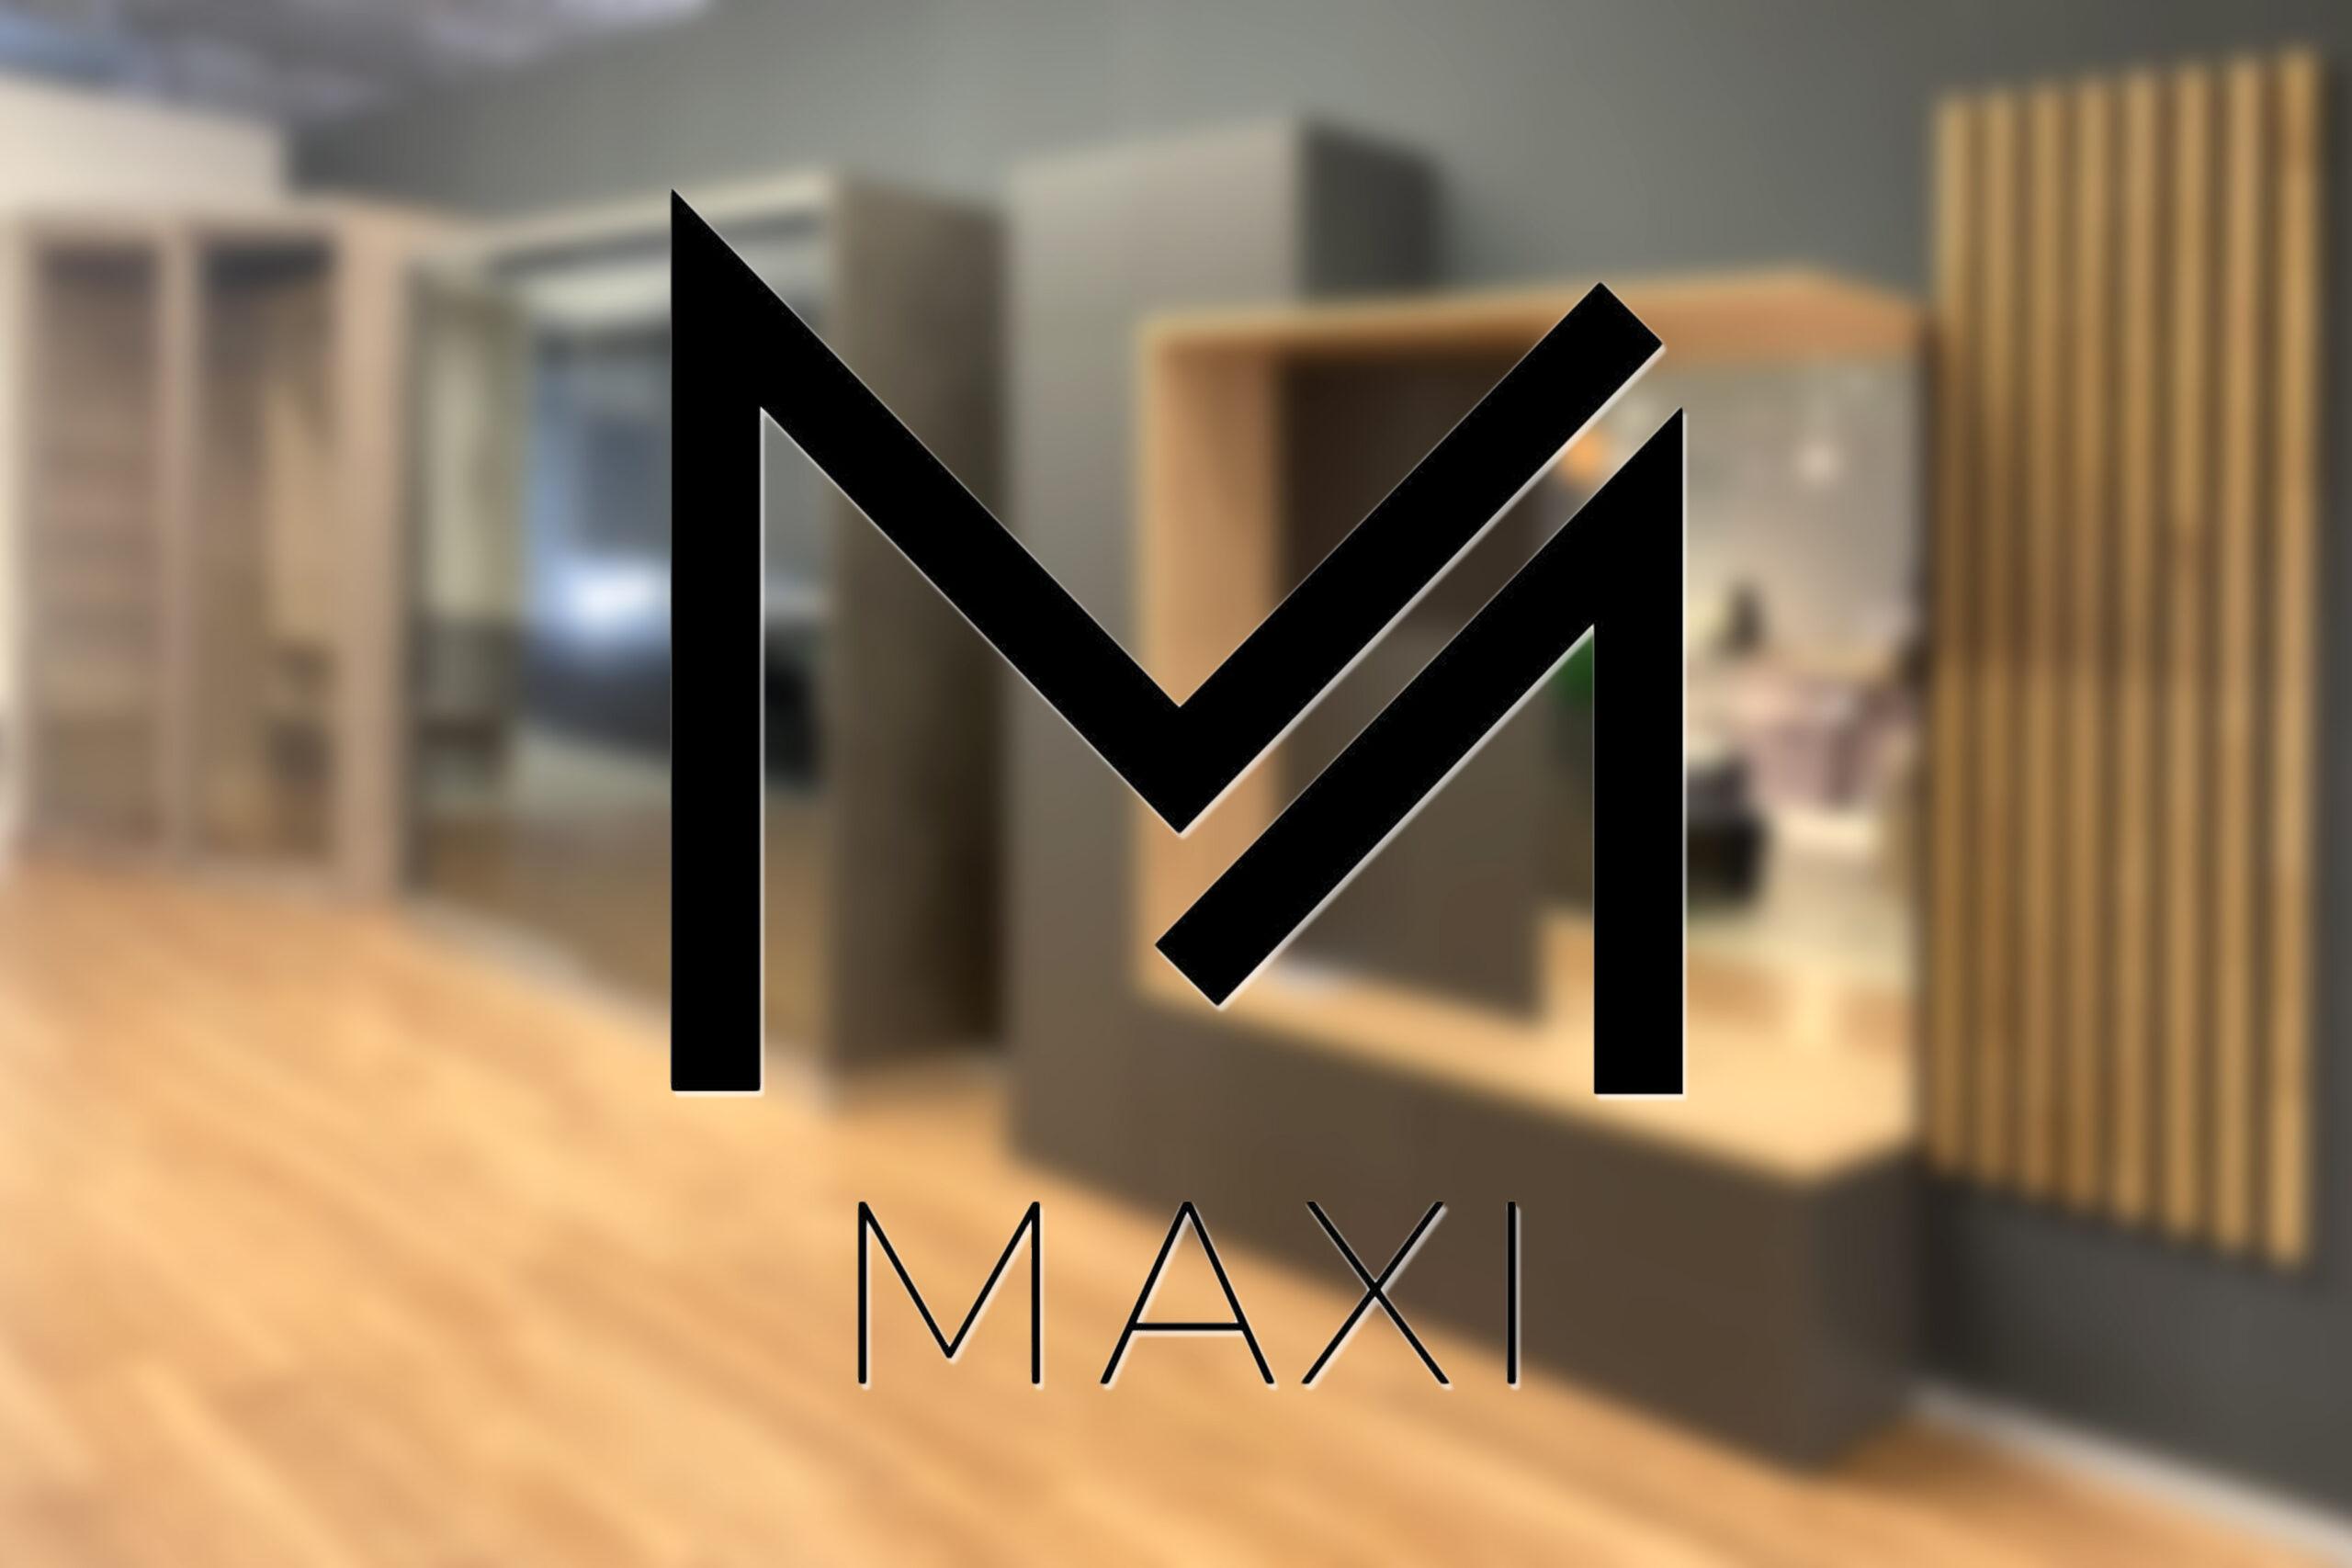 Maxi-M